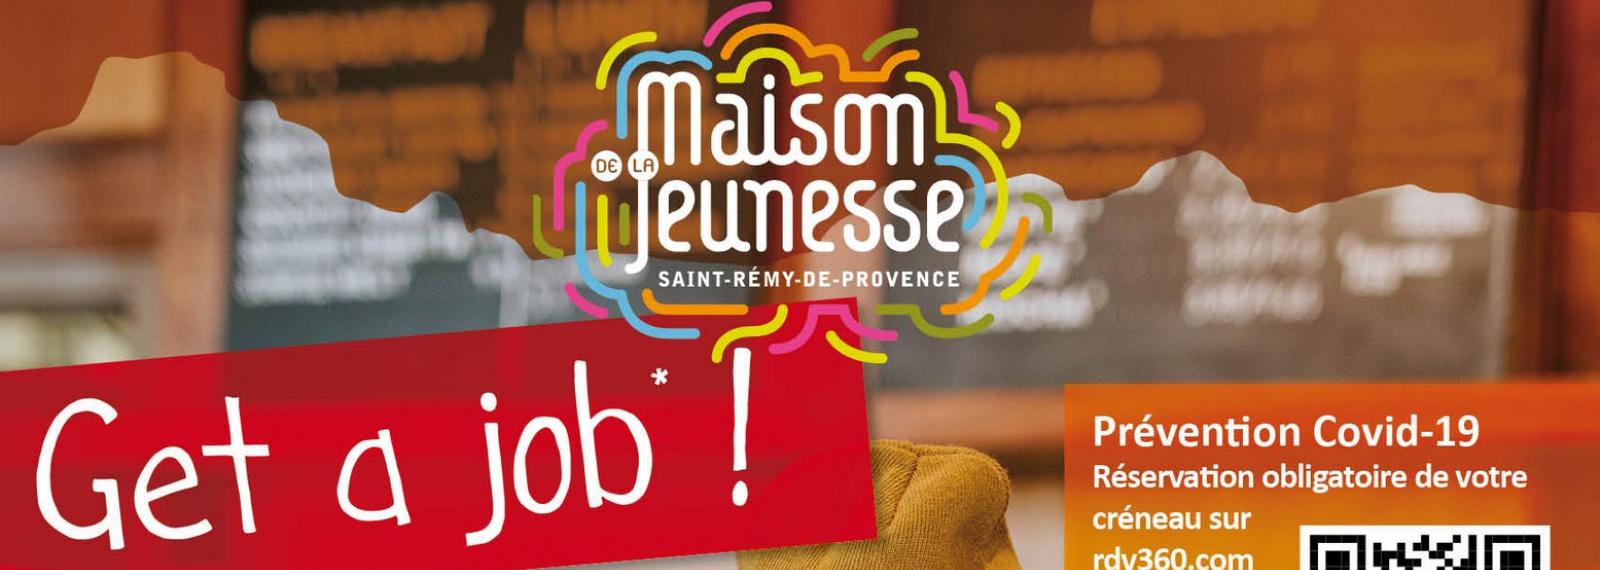 Get a job ! à Saint-Rémy-de-Provence